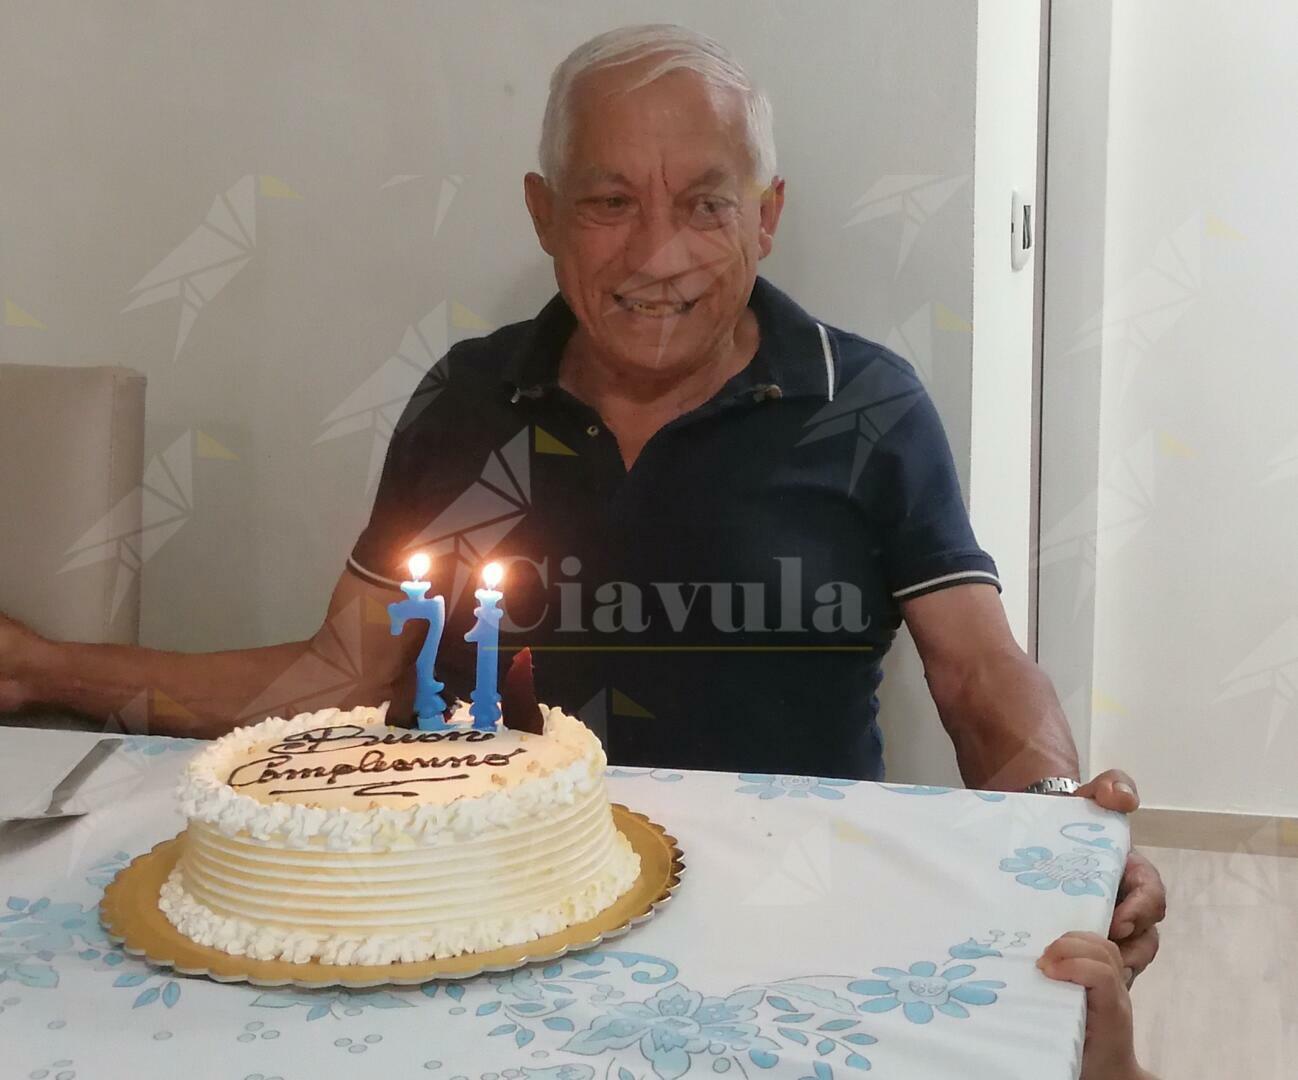 Buon compleanno Antonio!